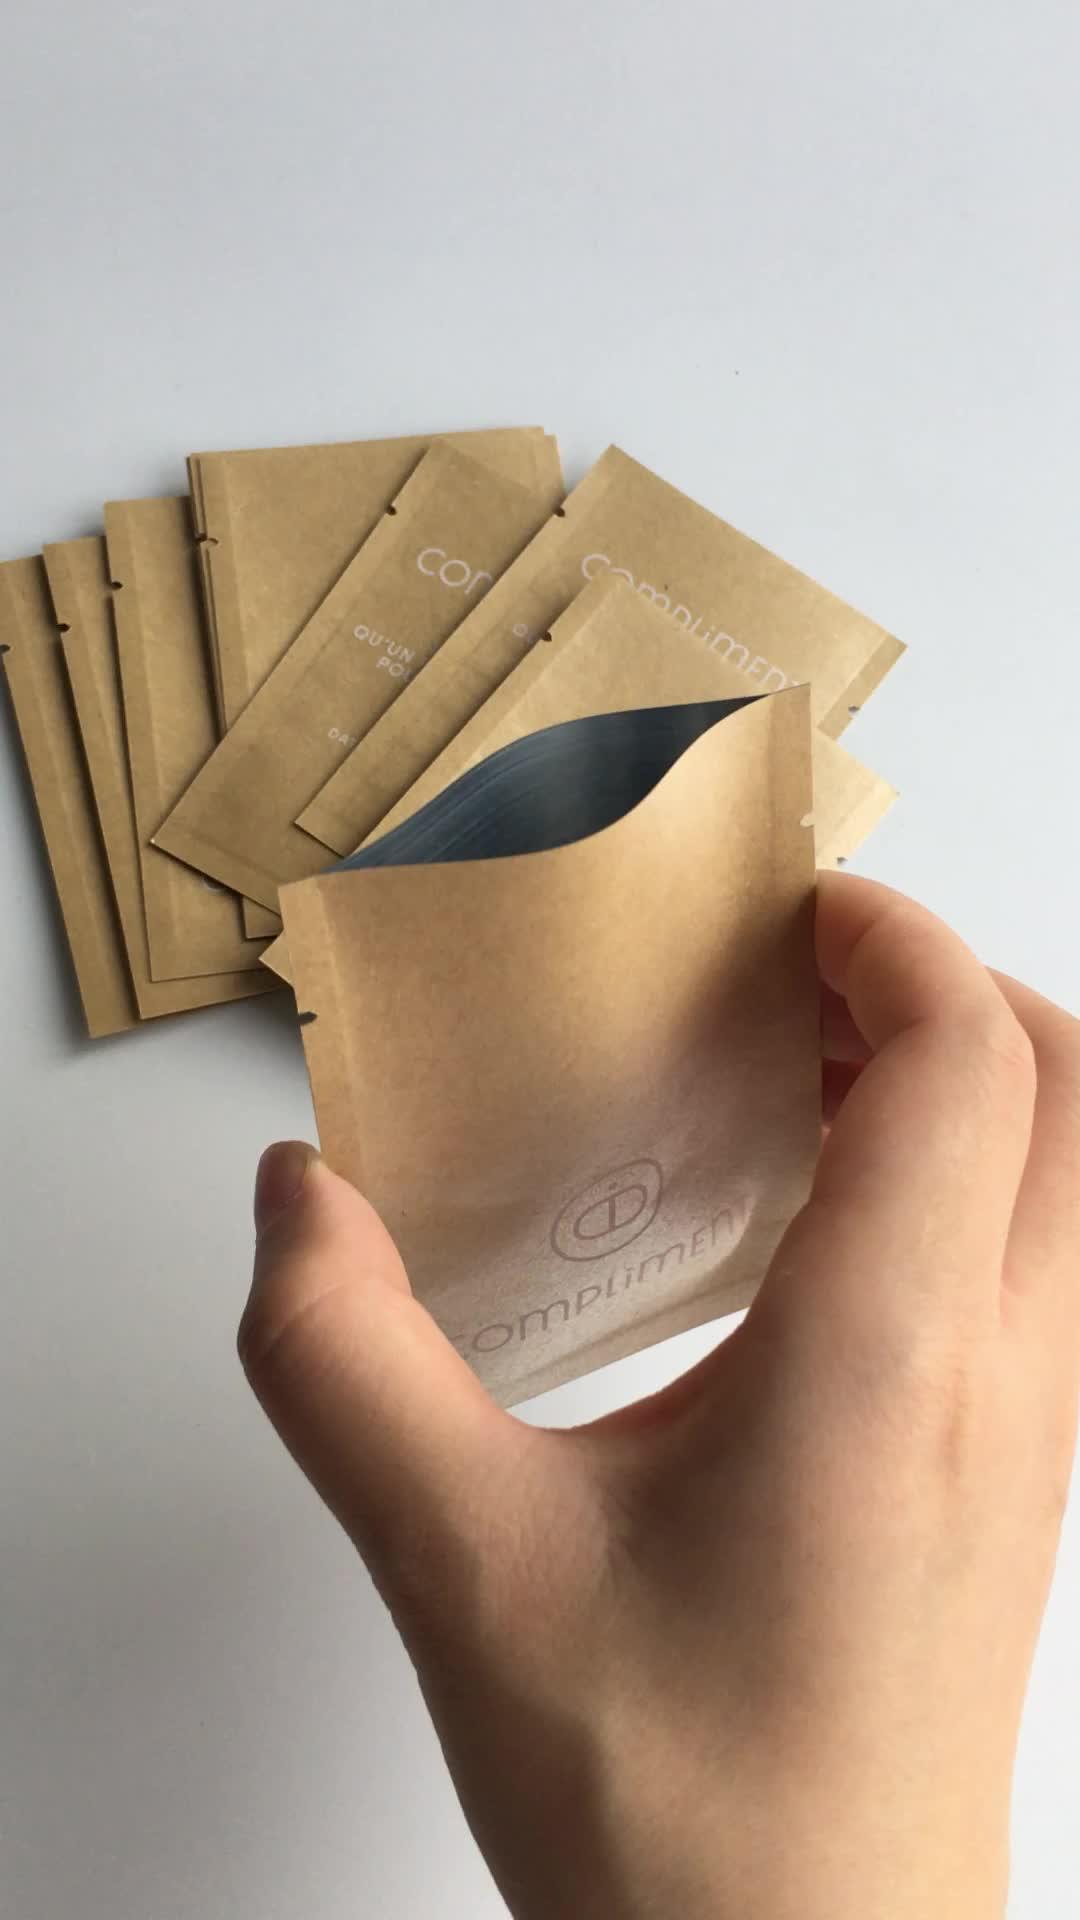 カスタム印刷マイラー箔ルーズリーフティー包装バッグフラットスモールミニクラフトサンプルバッグヒートシーリングフラットジッパーポーチ